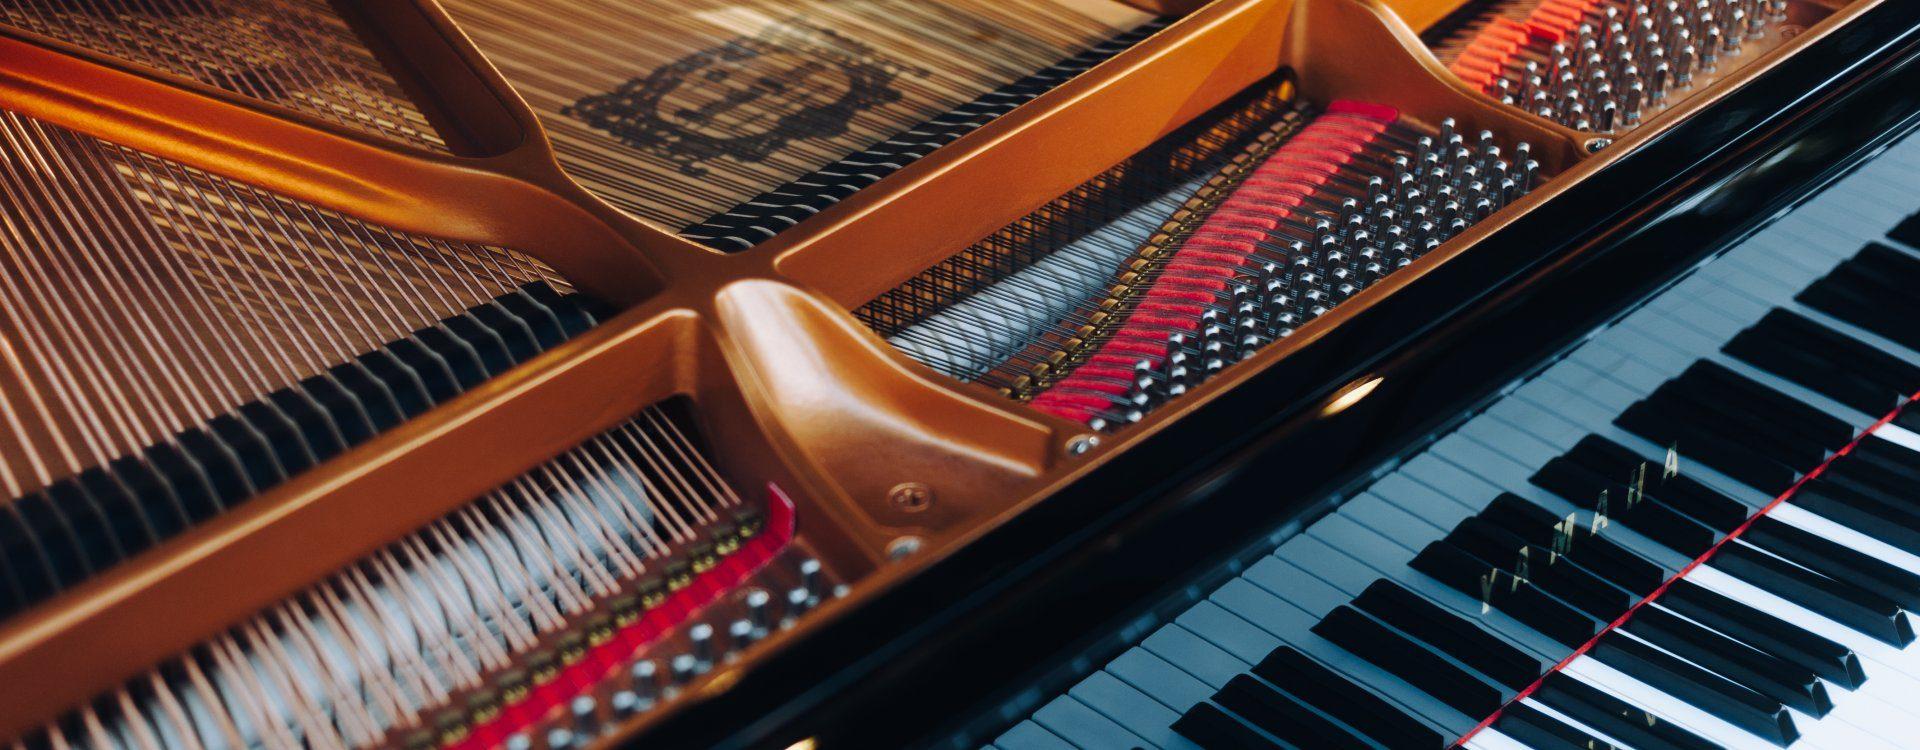 I Międzynarodowy V Ogólnopolski Pianistyczny Konkurs Chopinowski w Turznie 08-11.03.2019 r., Turzno International Chopin Piano Competition, March 8-11, 2019